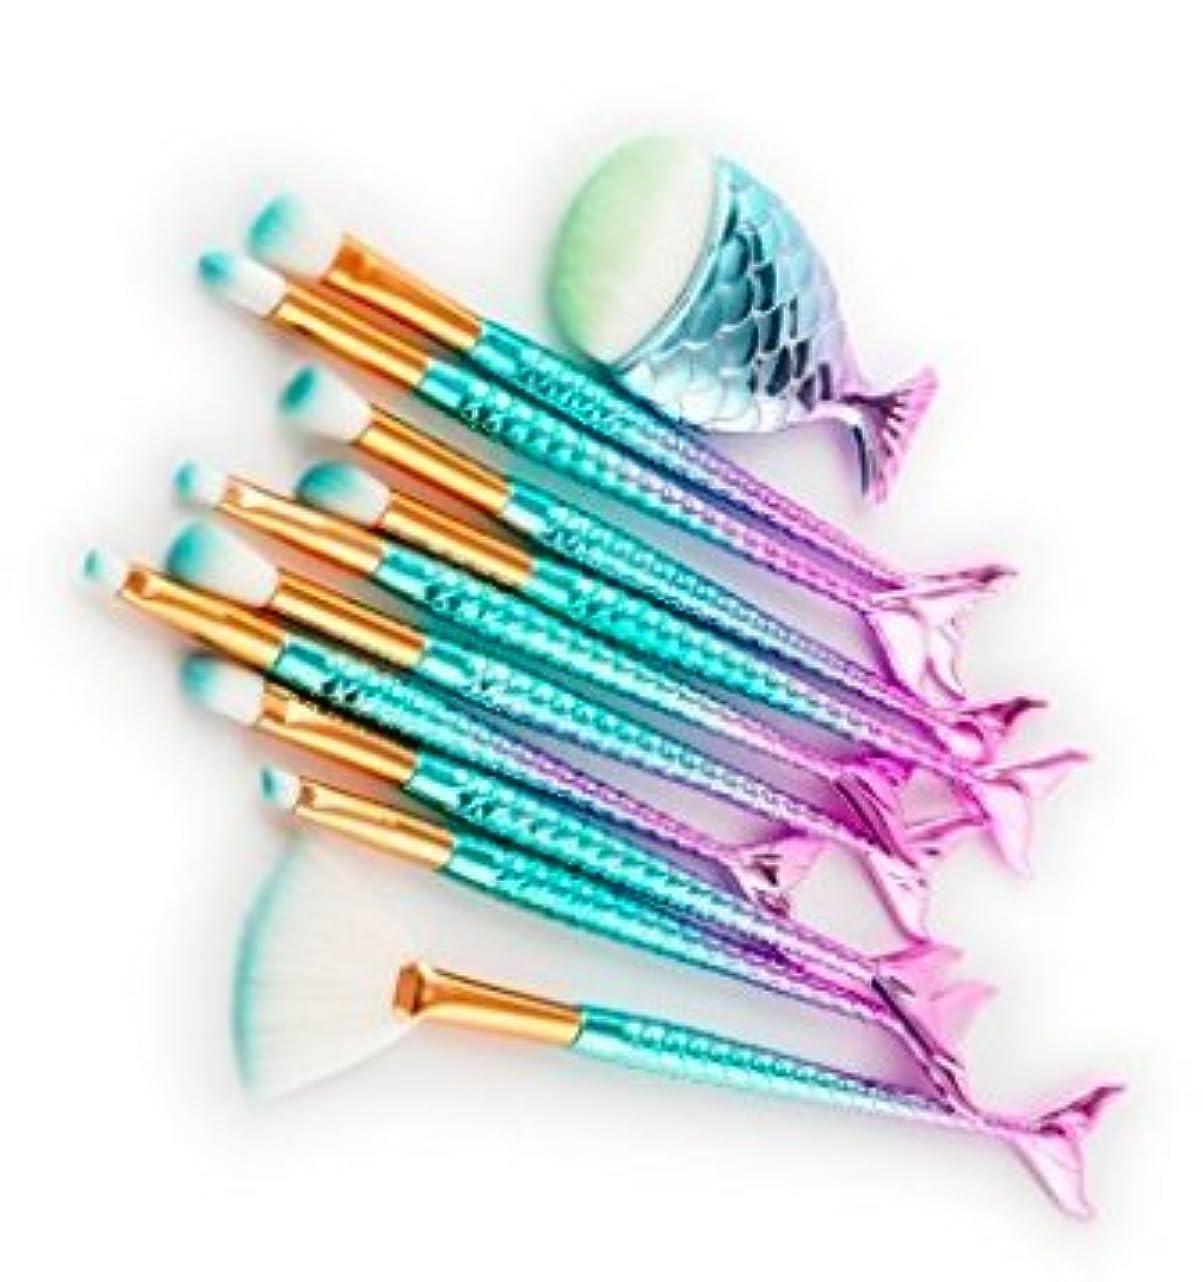 ウォルターカニンガムシロナガスクジラアデレードSYNC マーメイドブラシ メイクアップブラシ 10+1 11本セット 極細毛 フェイスケア ナイロン製 化粧筆